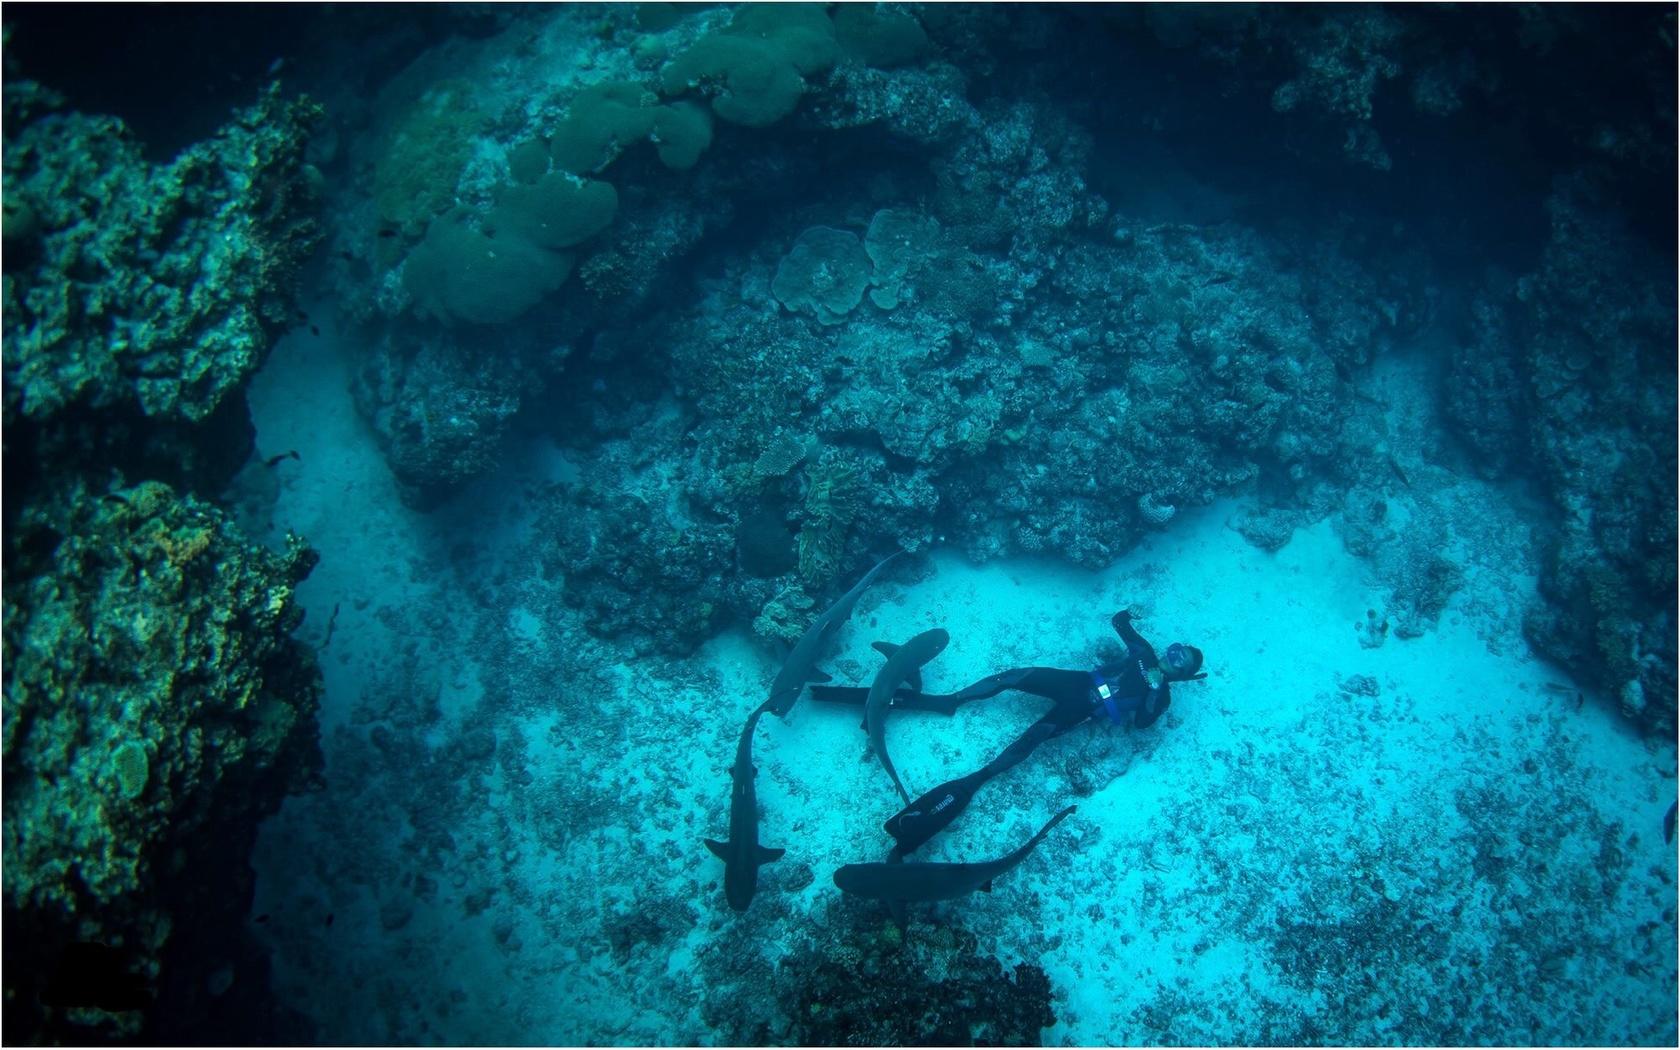 фото, под водой, акулы, дайвинг